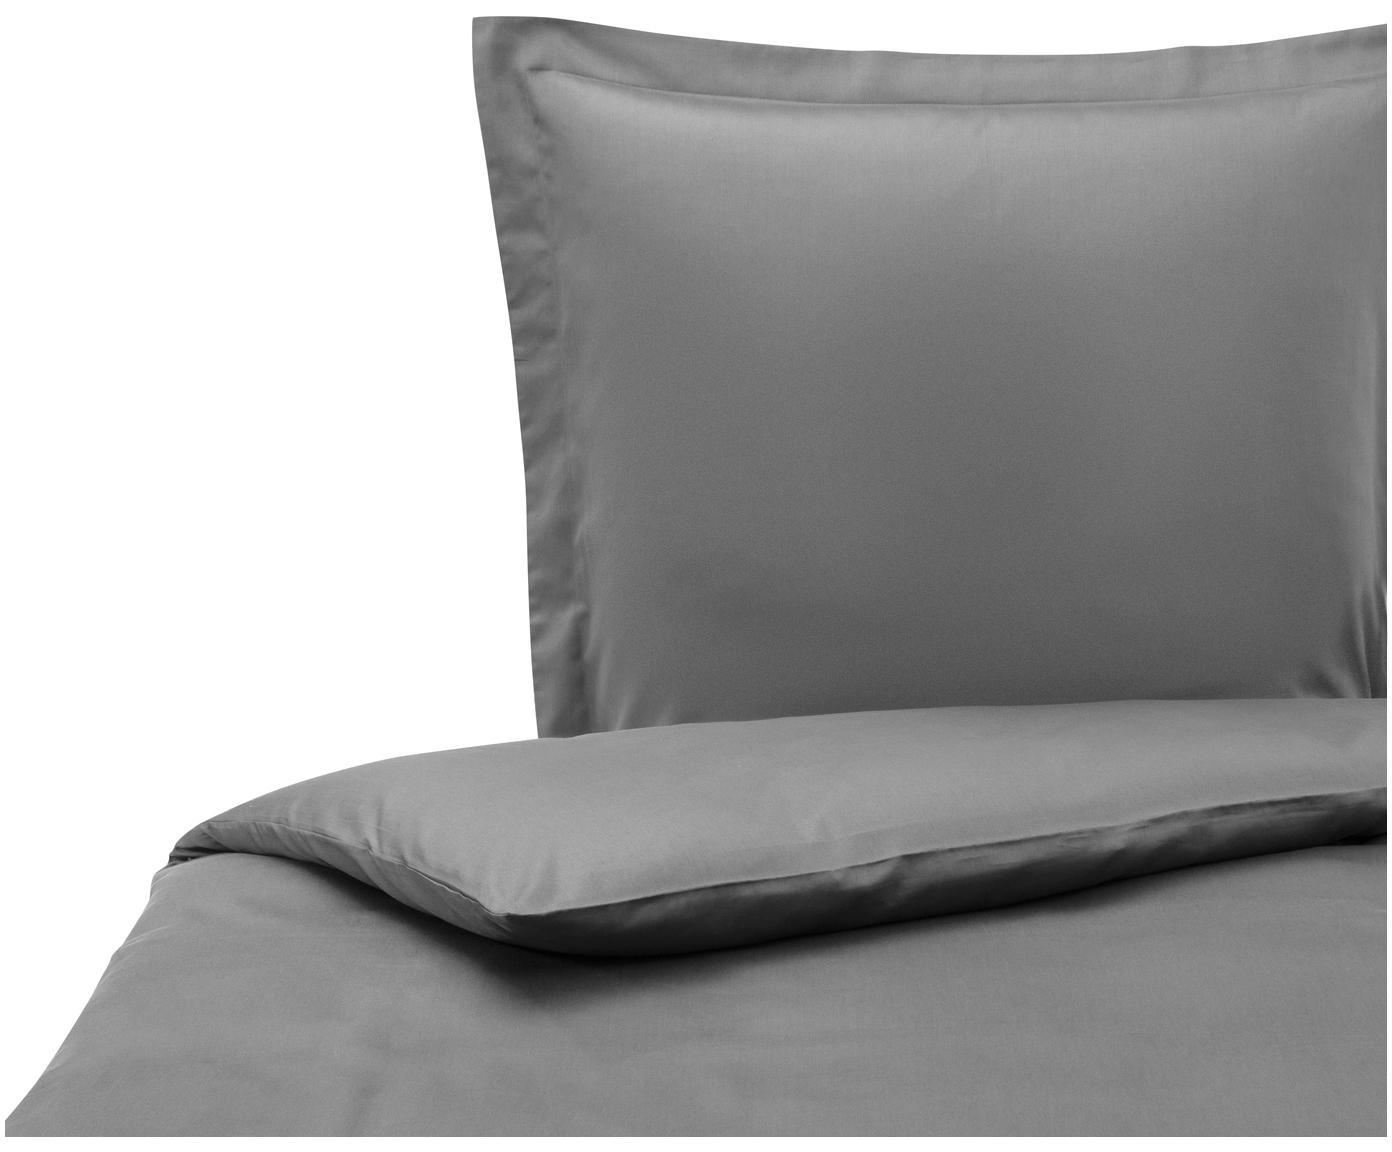 Katoensatijnen dekbedovertrek Premium, Weeftechniek: satijn, licht glanzend, Donkergrijs, 140 x 200 cm